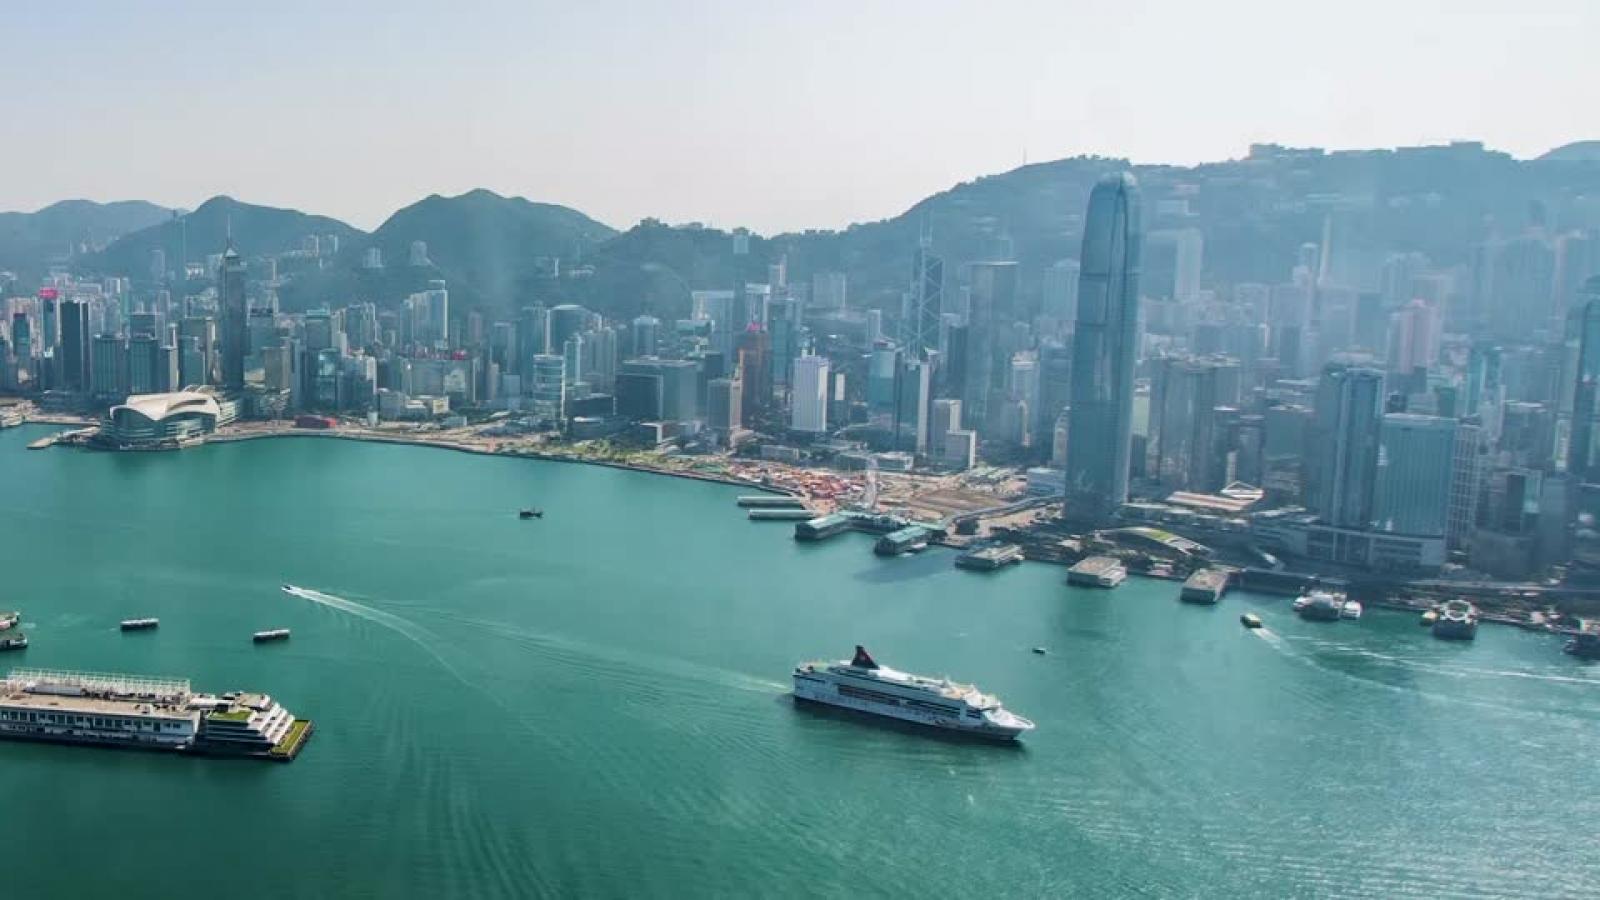 Singapore và Hồng Kông (Trung Quốc) sắp triển khai bong bóng du lịch